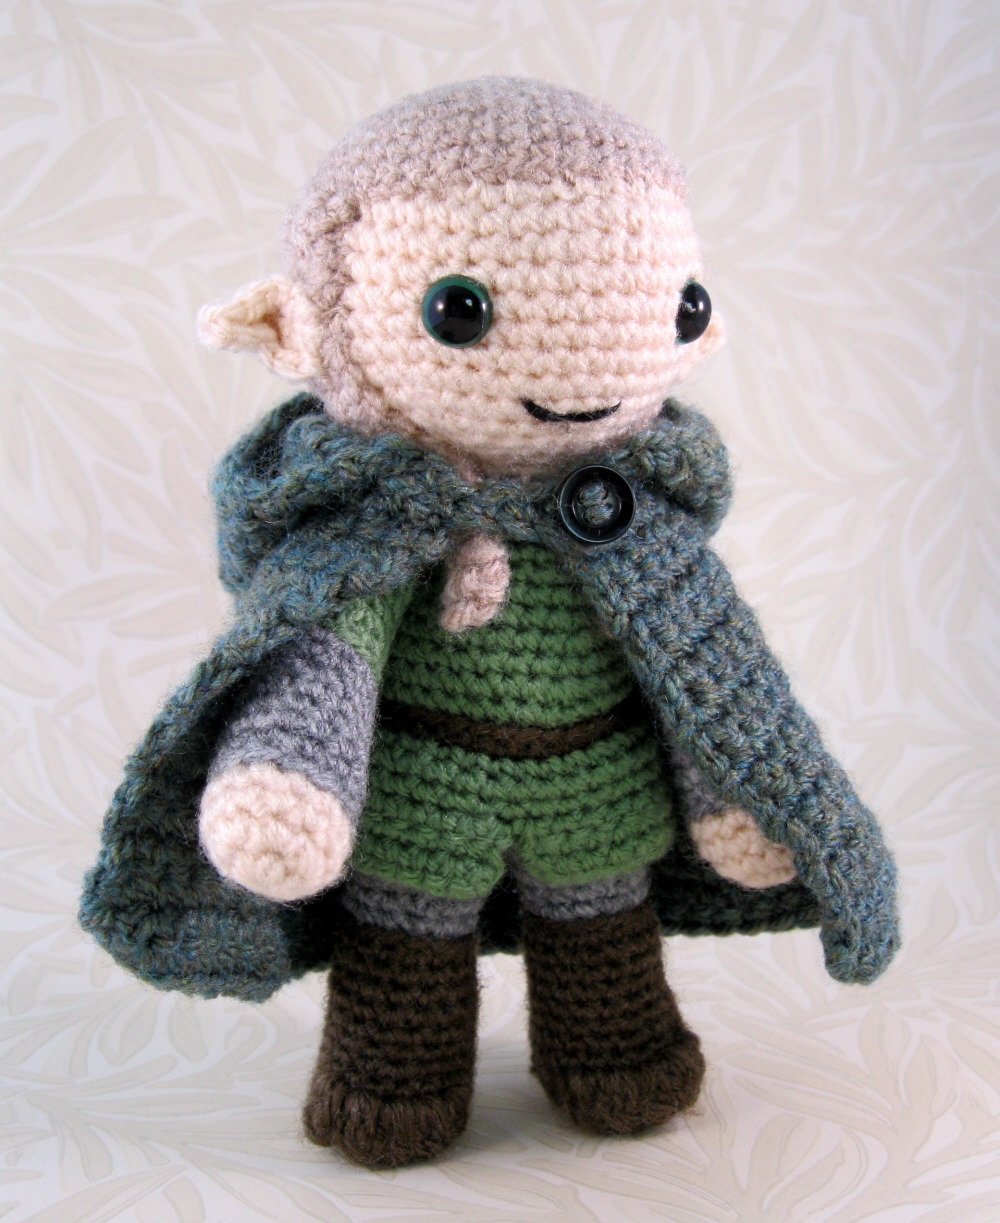 LucyRavenscar - Crochet Creatures: Fantasy Amigurumi - Elves